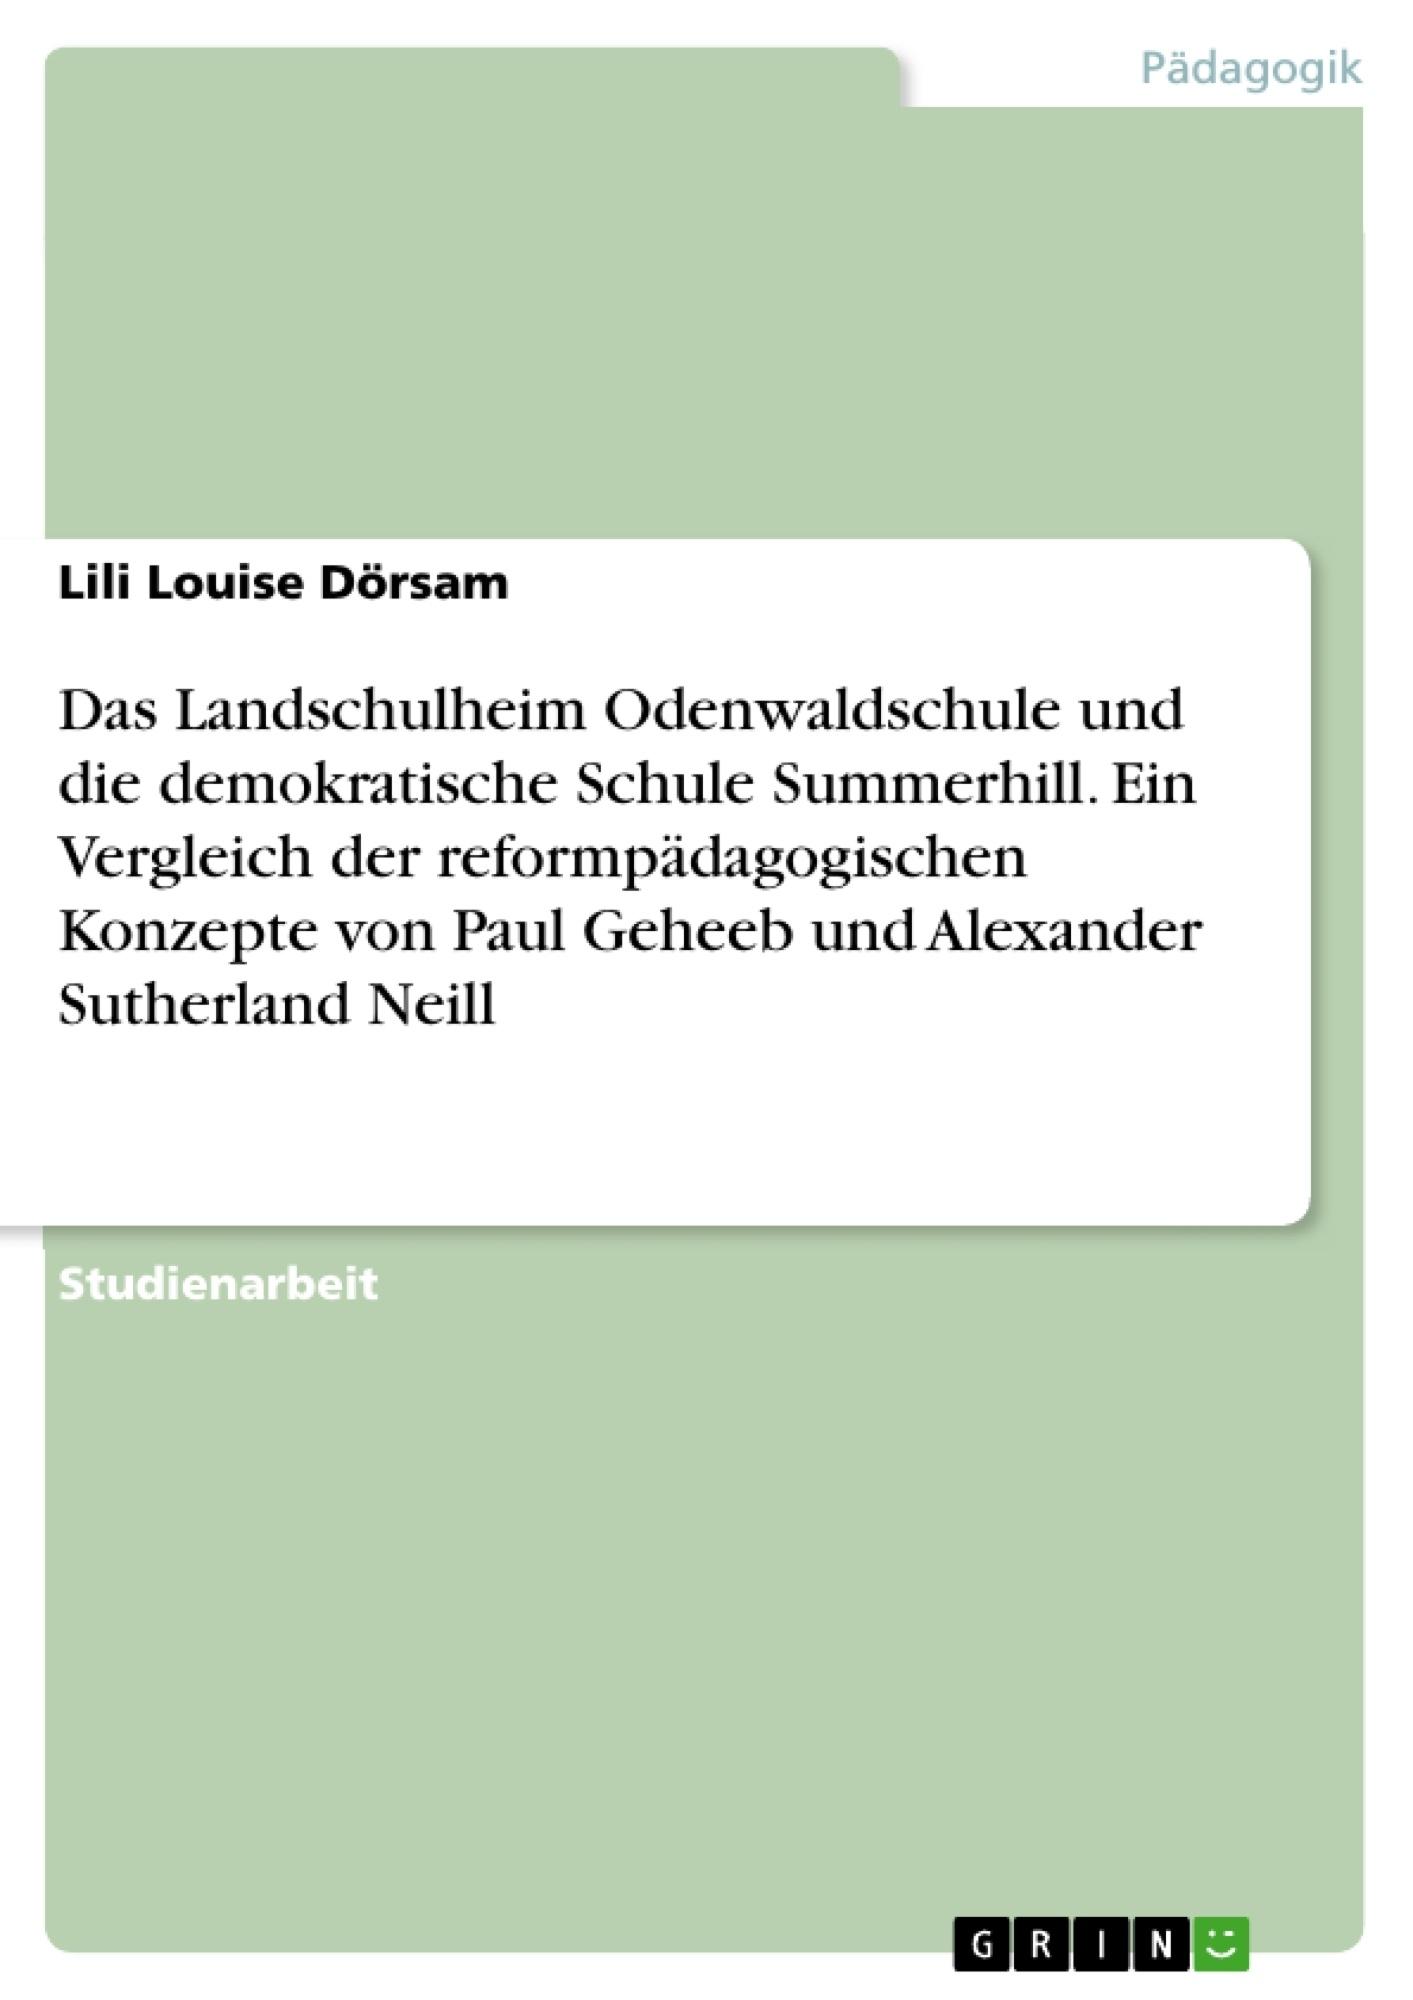 Titel: Das Landschulheim Odenwaldschule und die demokratische Schule Summerhill. Ein Vergleich der reformpädagogischen Konzepte von Paul Geheeb und Alexander Sutherland Neill